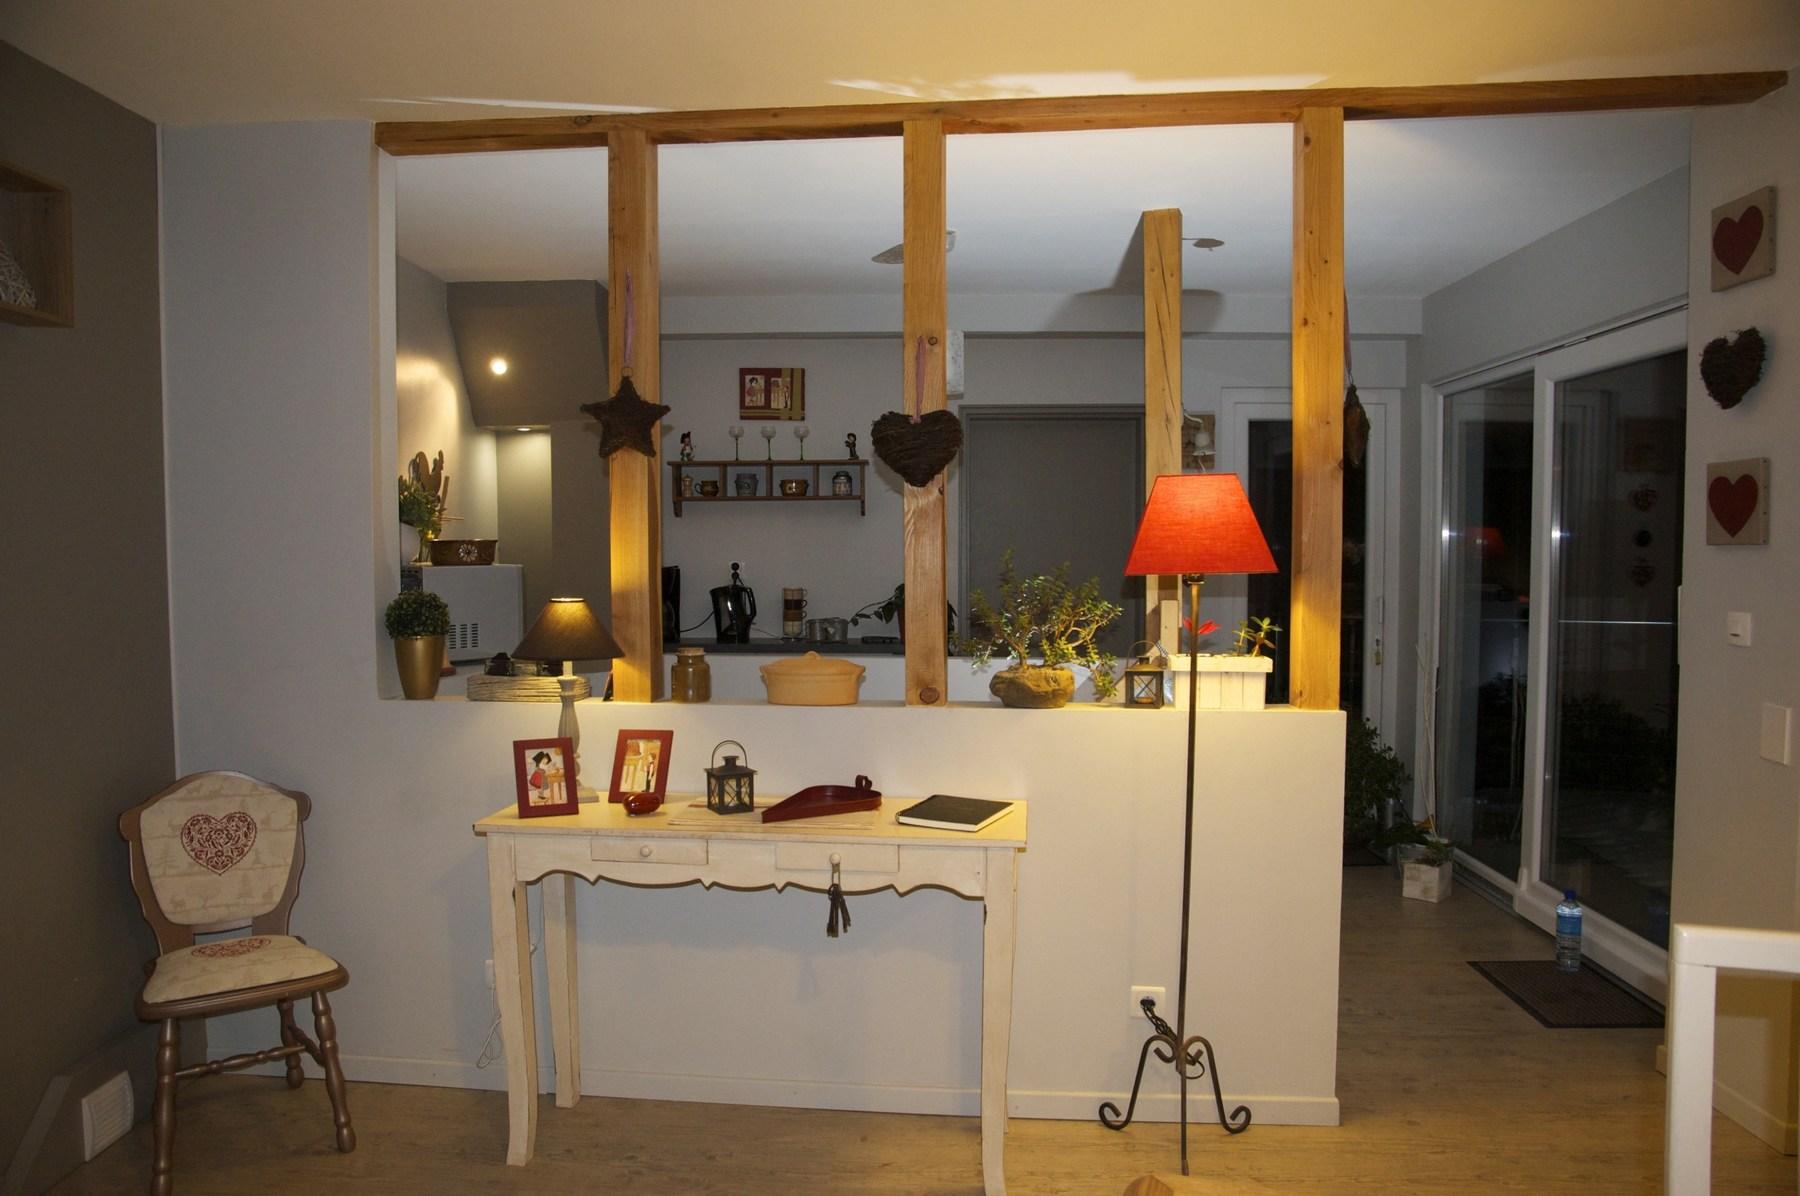 Chambres d'hôtes Au Coeur d'Alsace